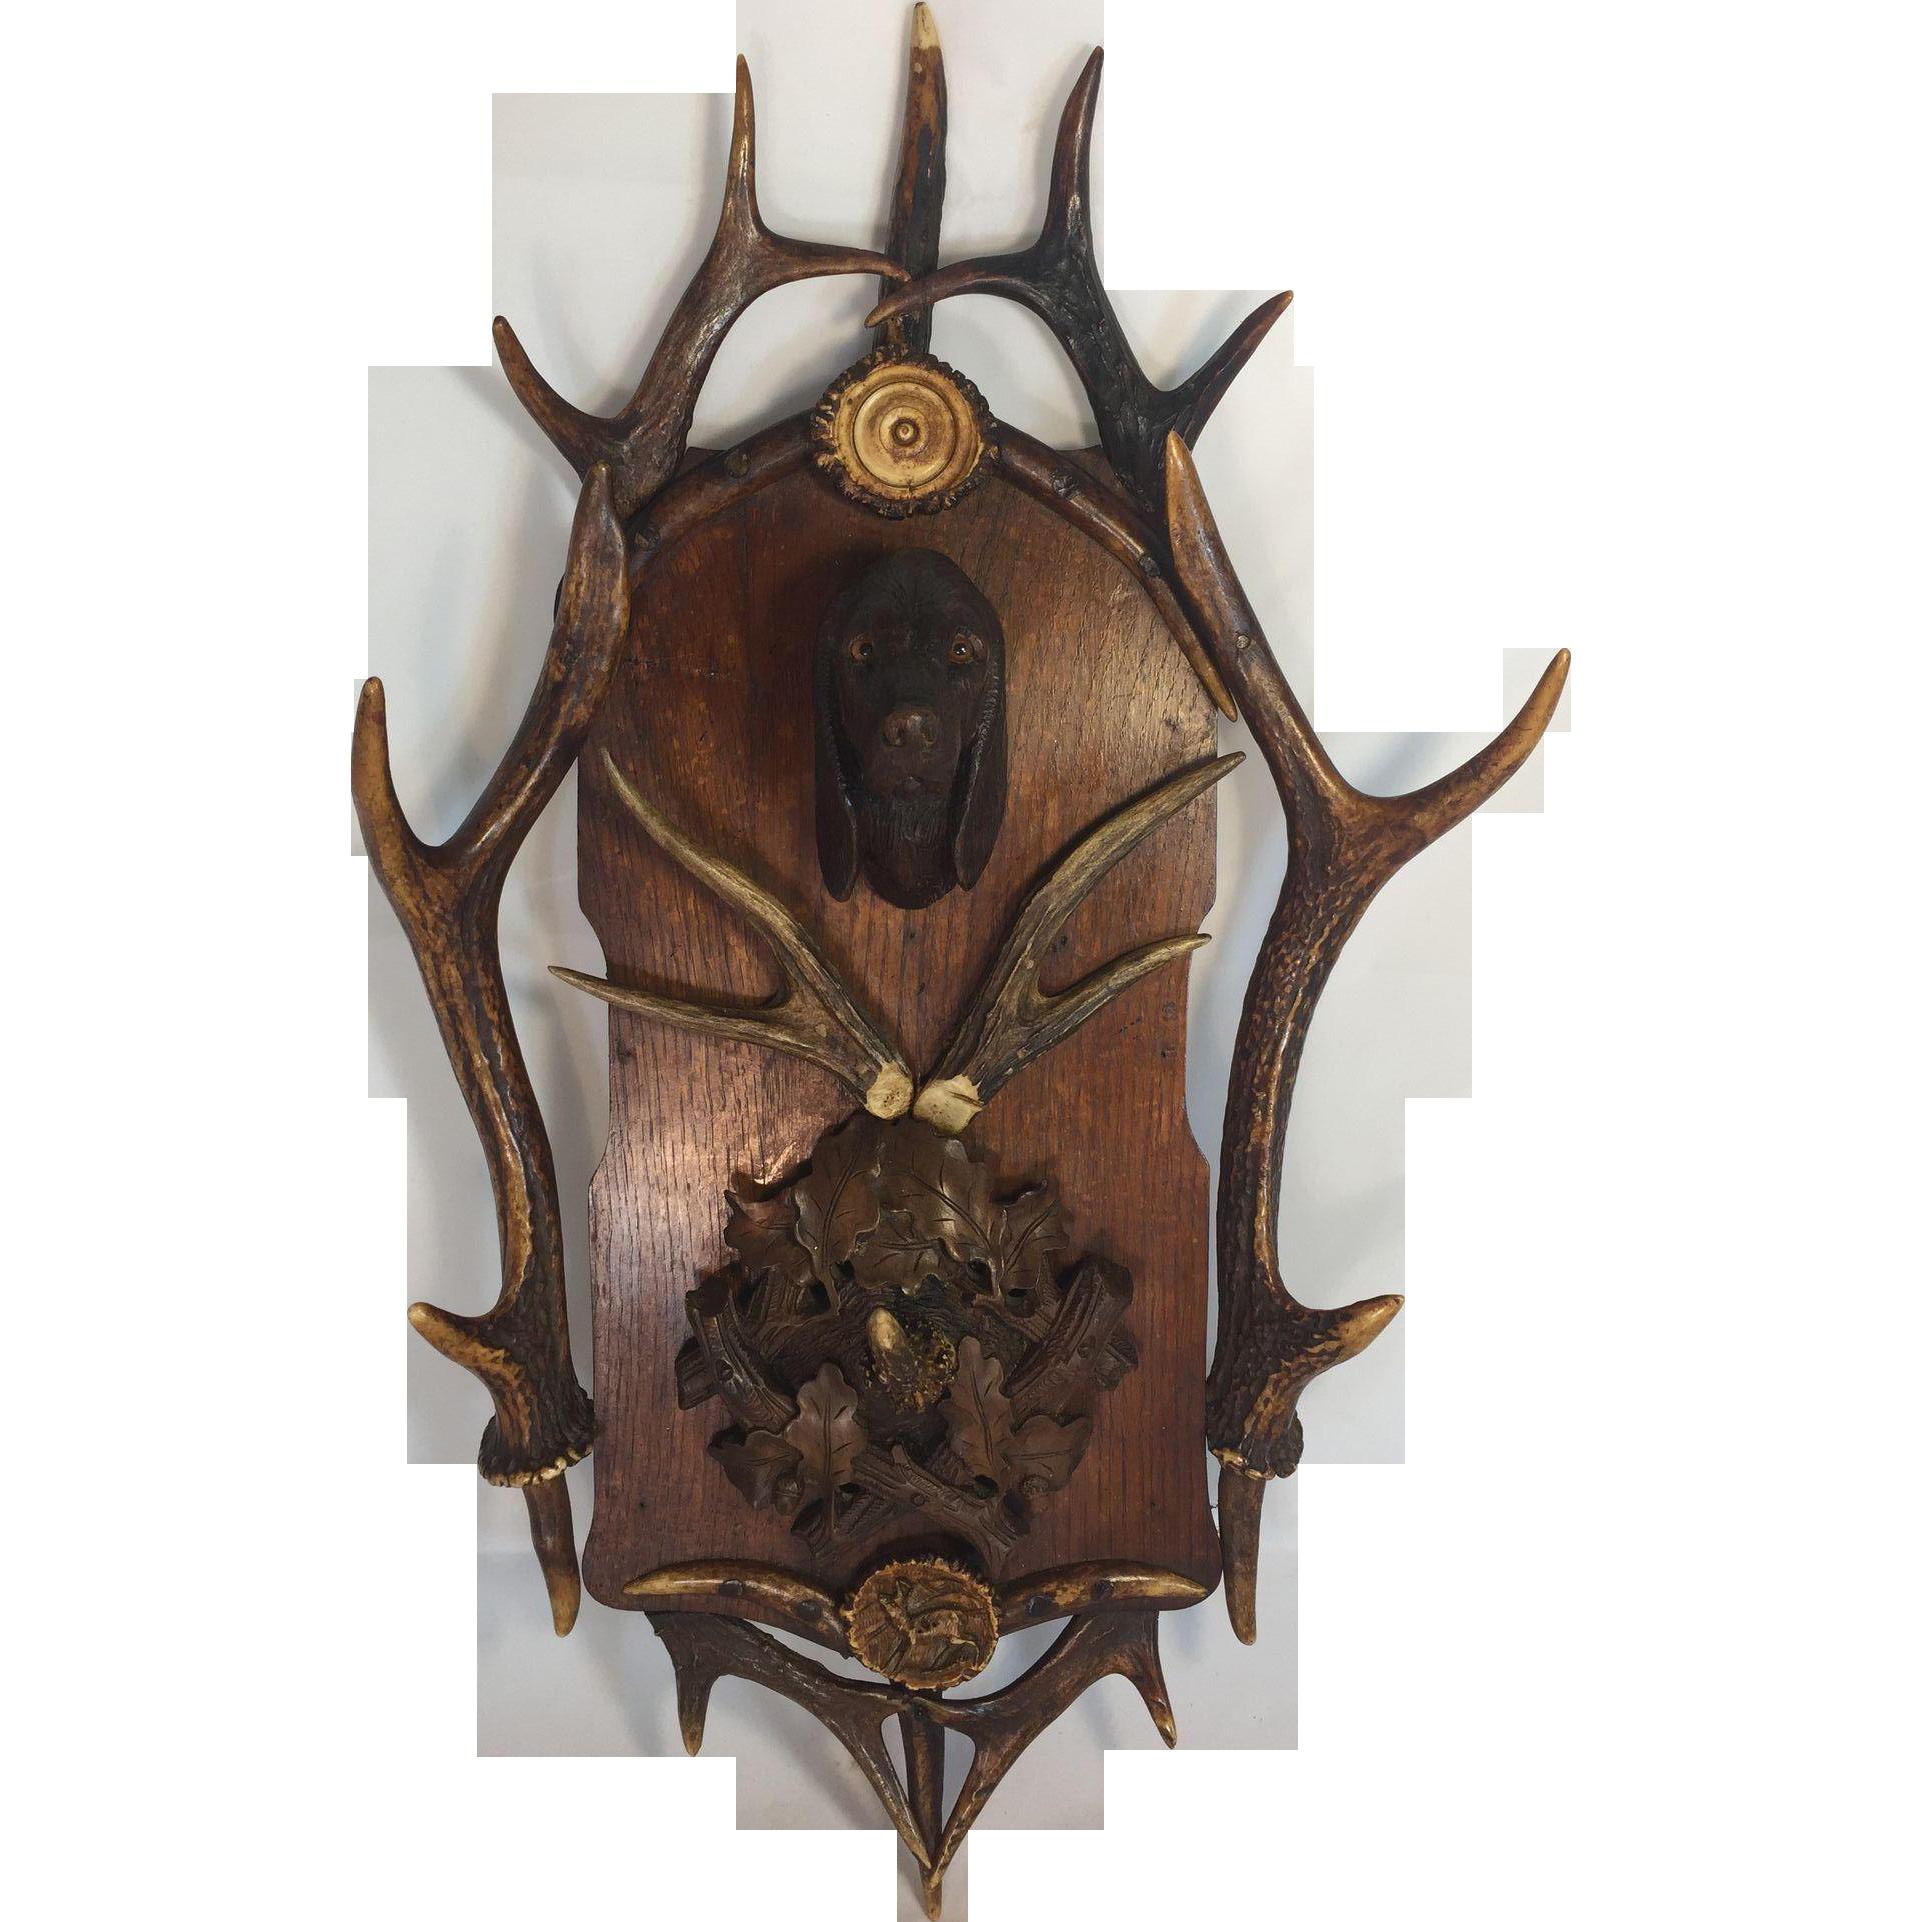 Black Forest Antler and Carved Dog Head Plaque Hook